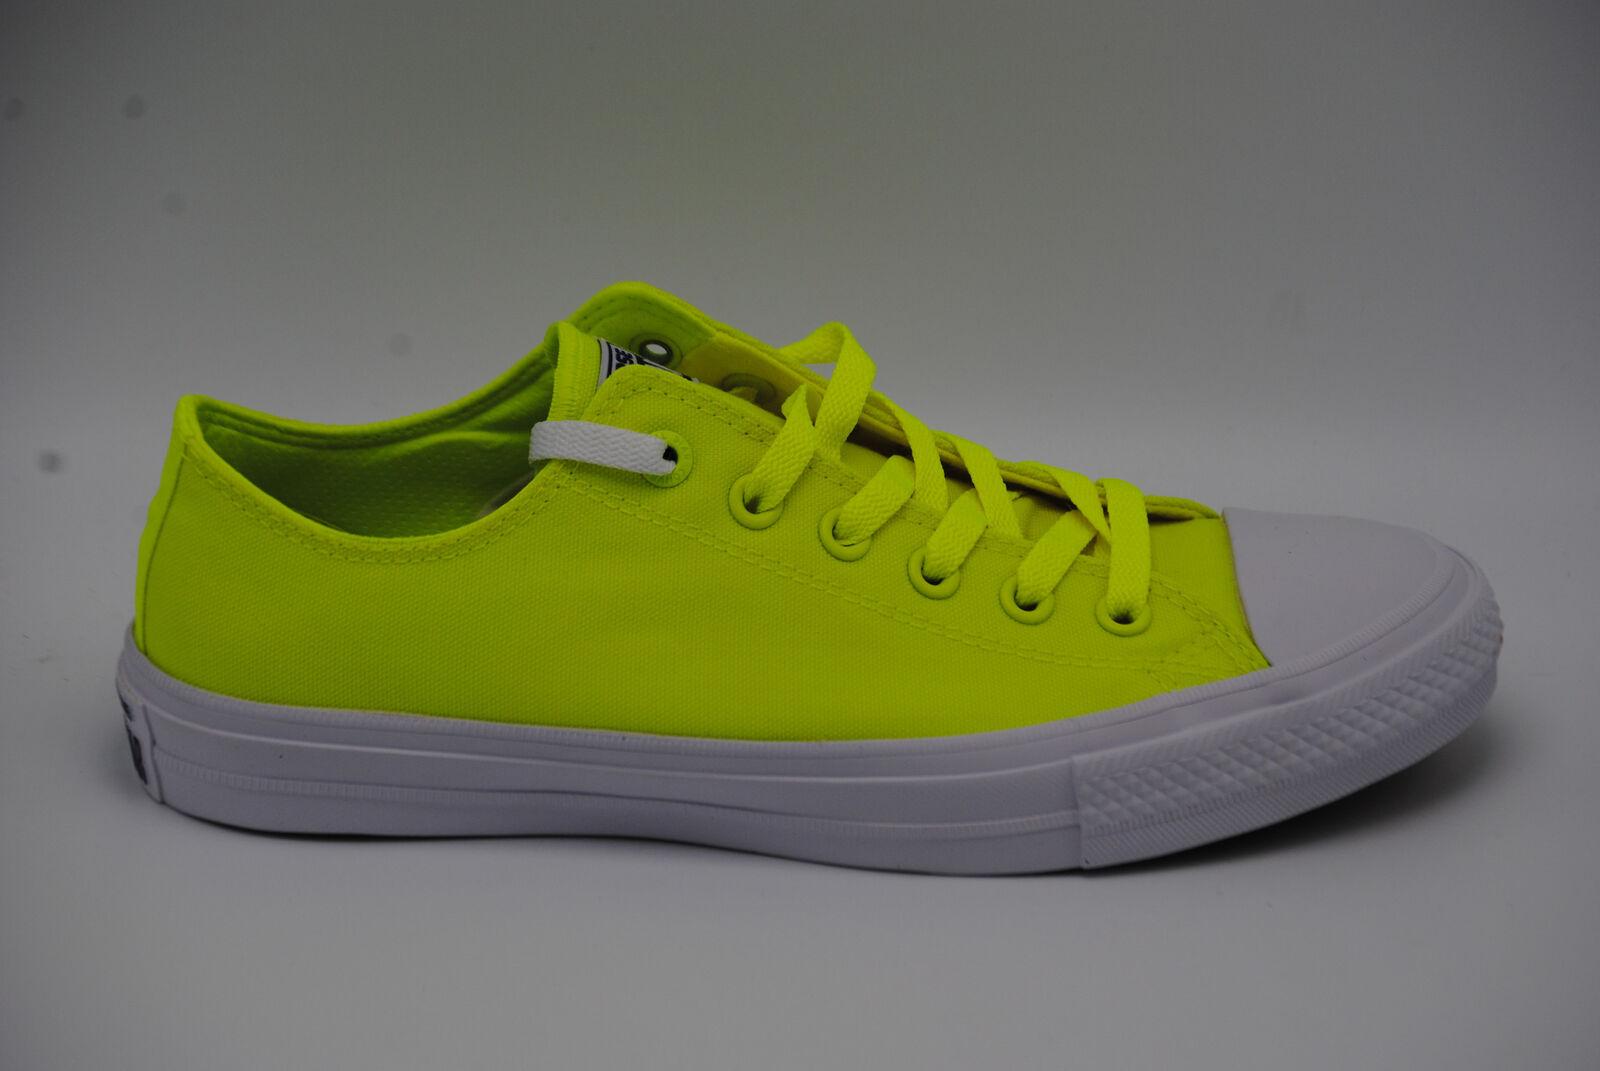 0b1bd7f32a8 Buy Converse Chuck Taylor All Star II 2 Neon Volt Mens Casual ...